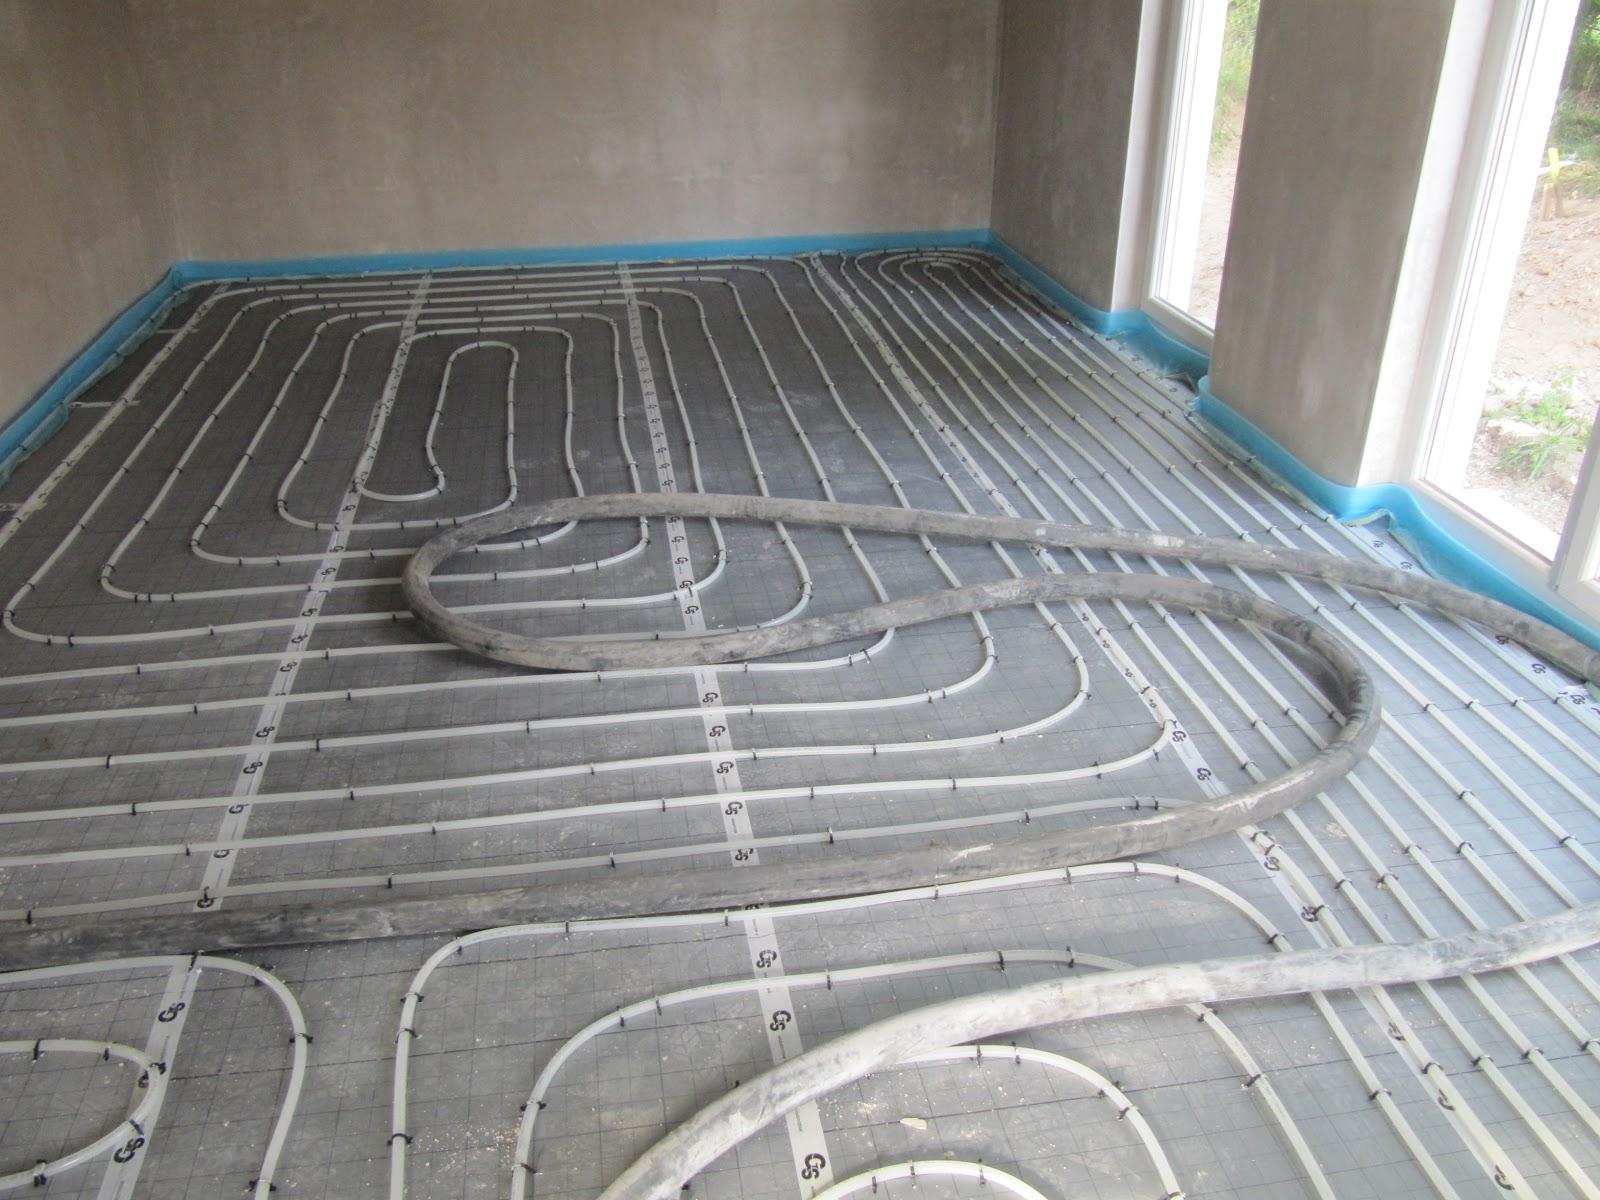 projekt schnitzelbude fussbodenheizung und estrich fertig. Black Bedroom Furniture Sets. Home Design Ideas